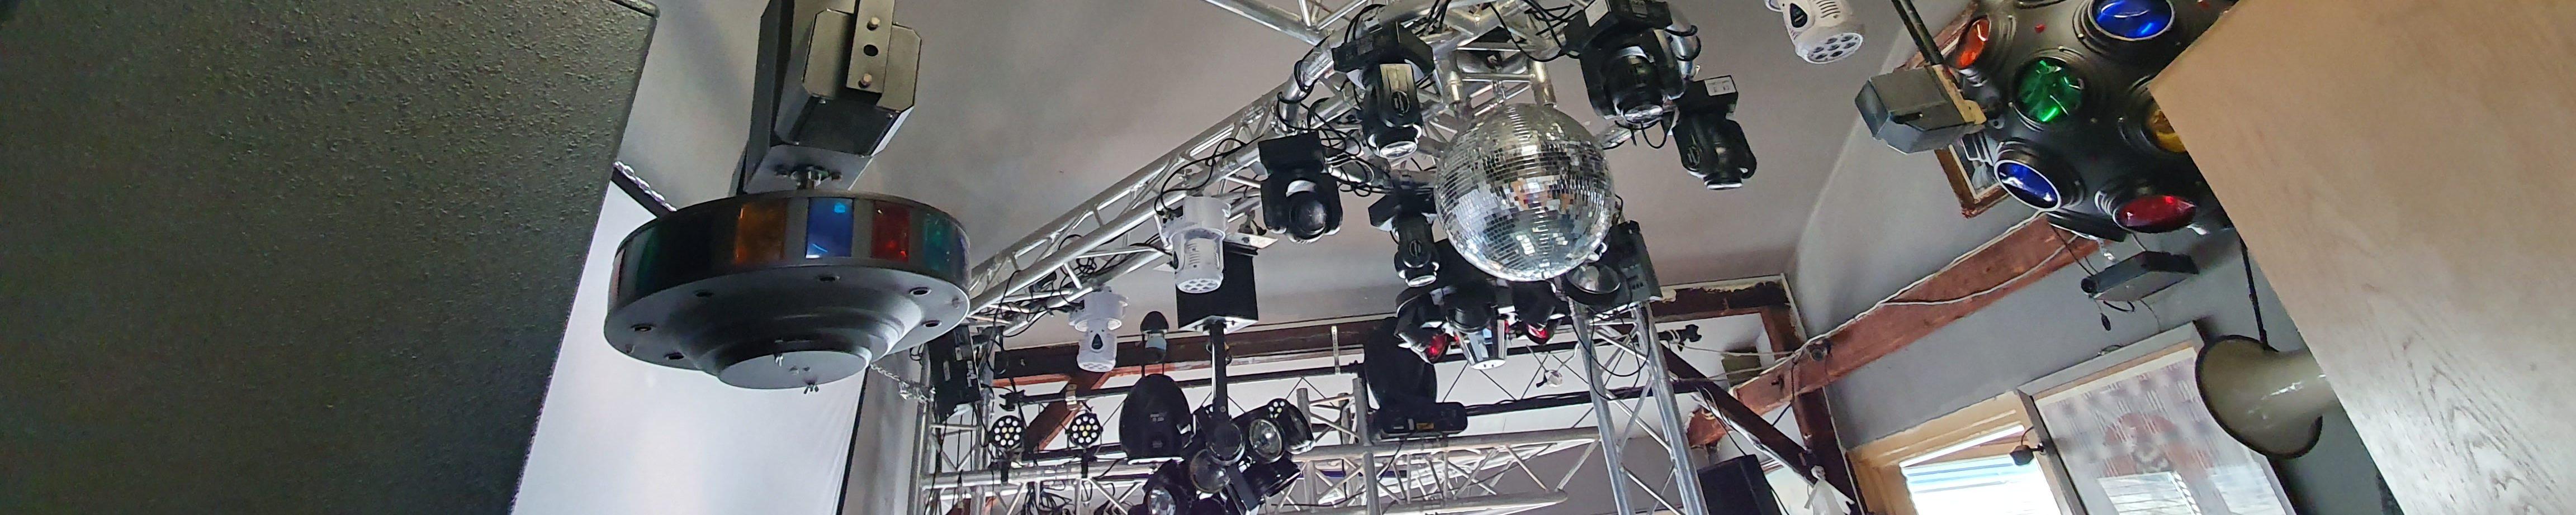 Die Beste Feier – Vintage Disco Lichteffekte und mehr.